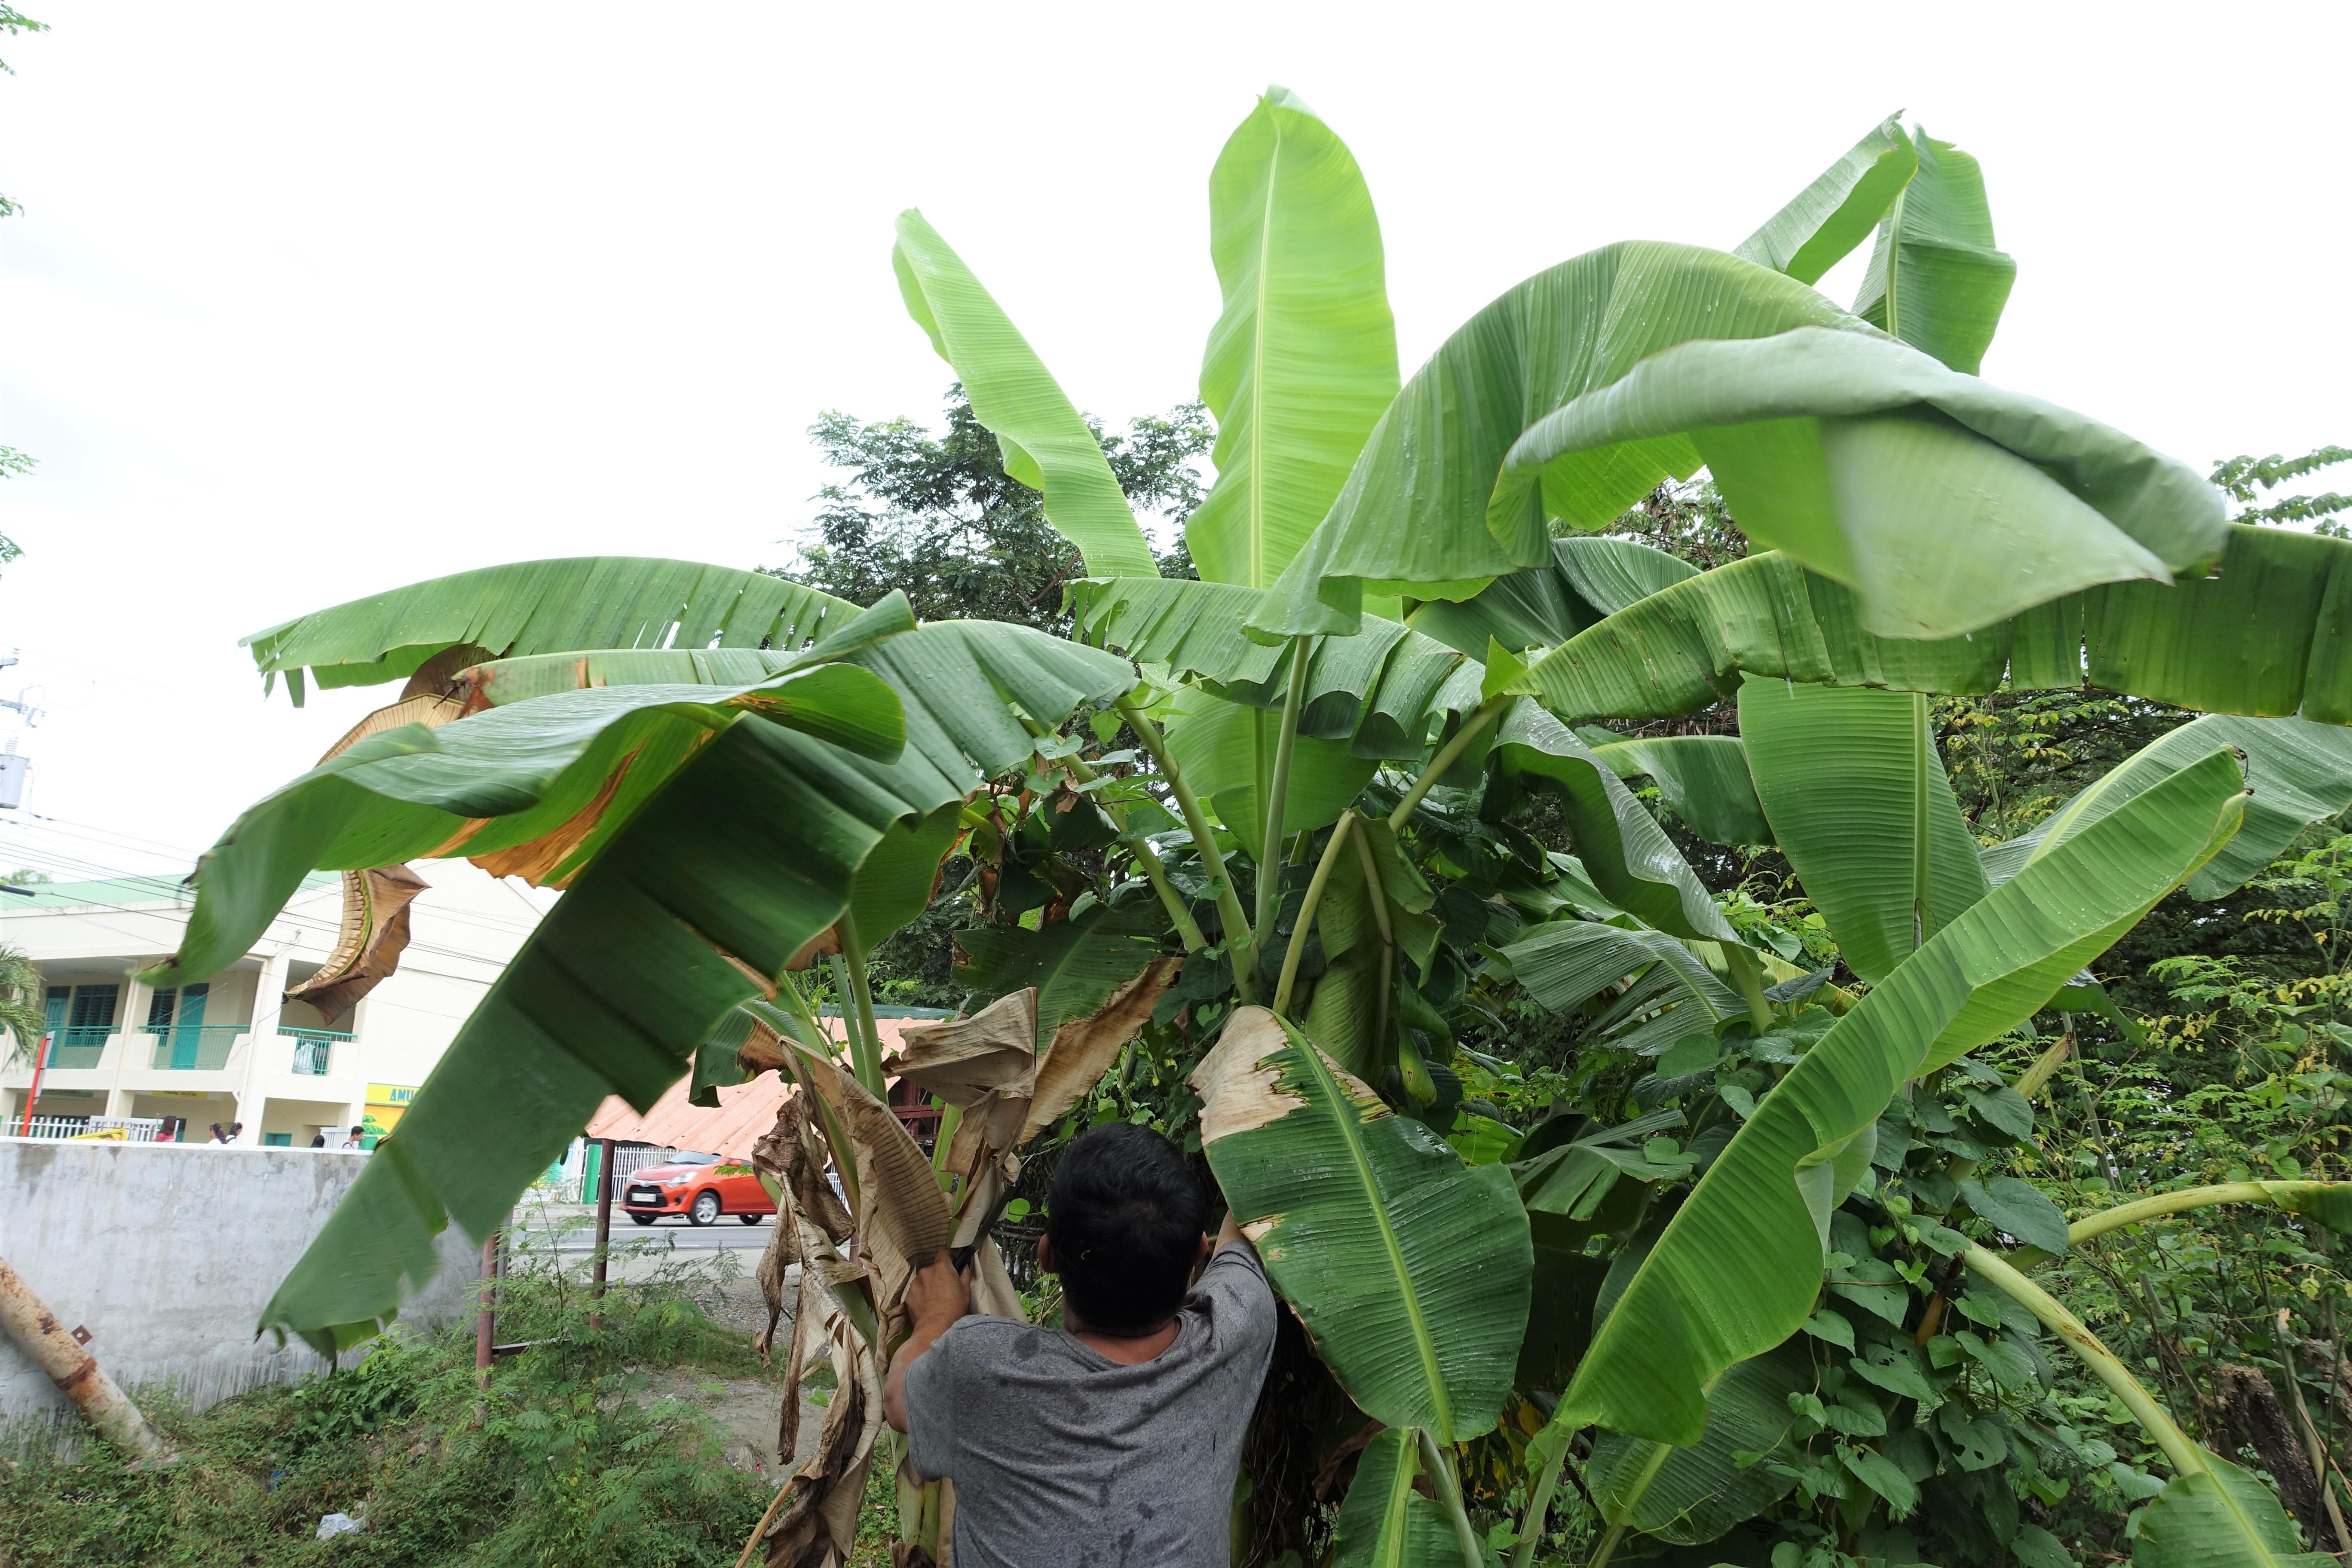 バナナの木 バナナリーフ